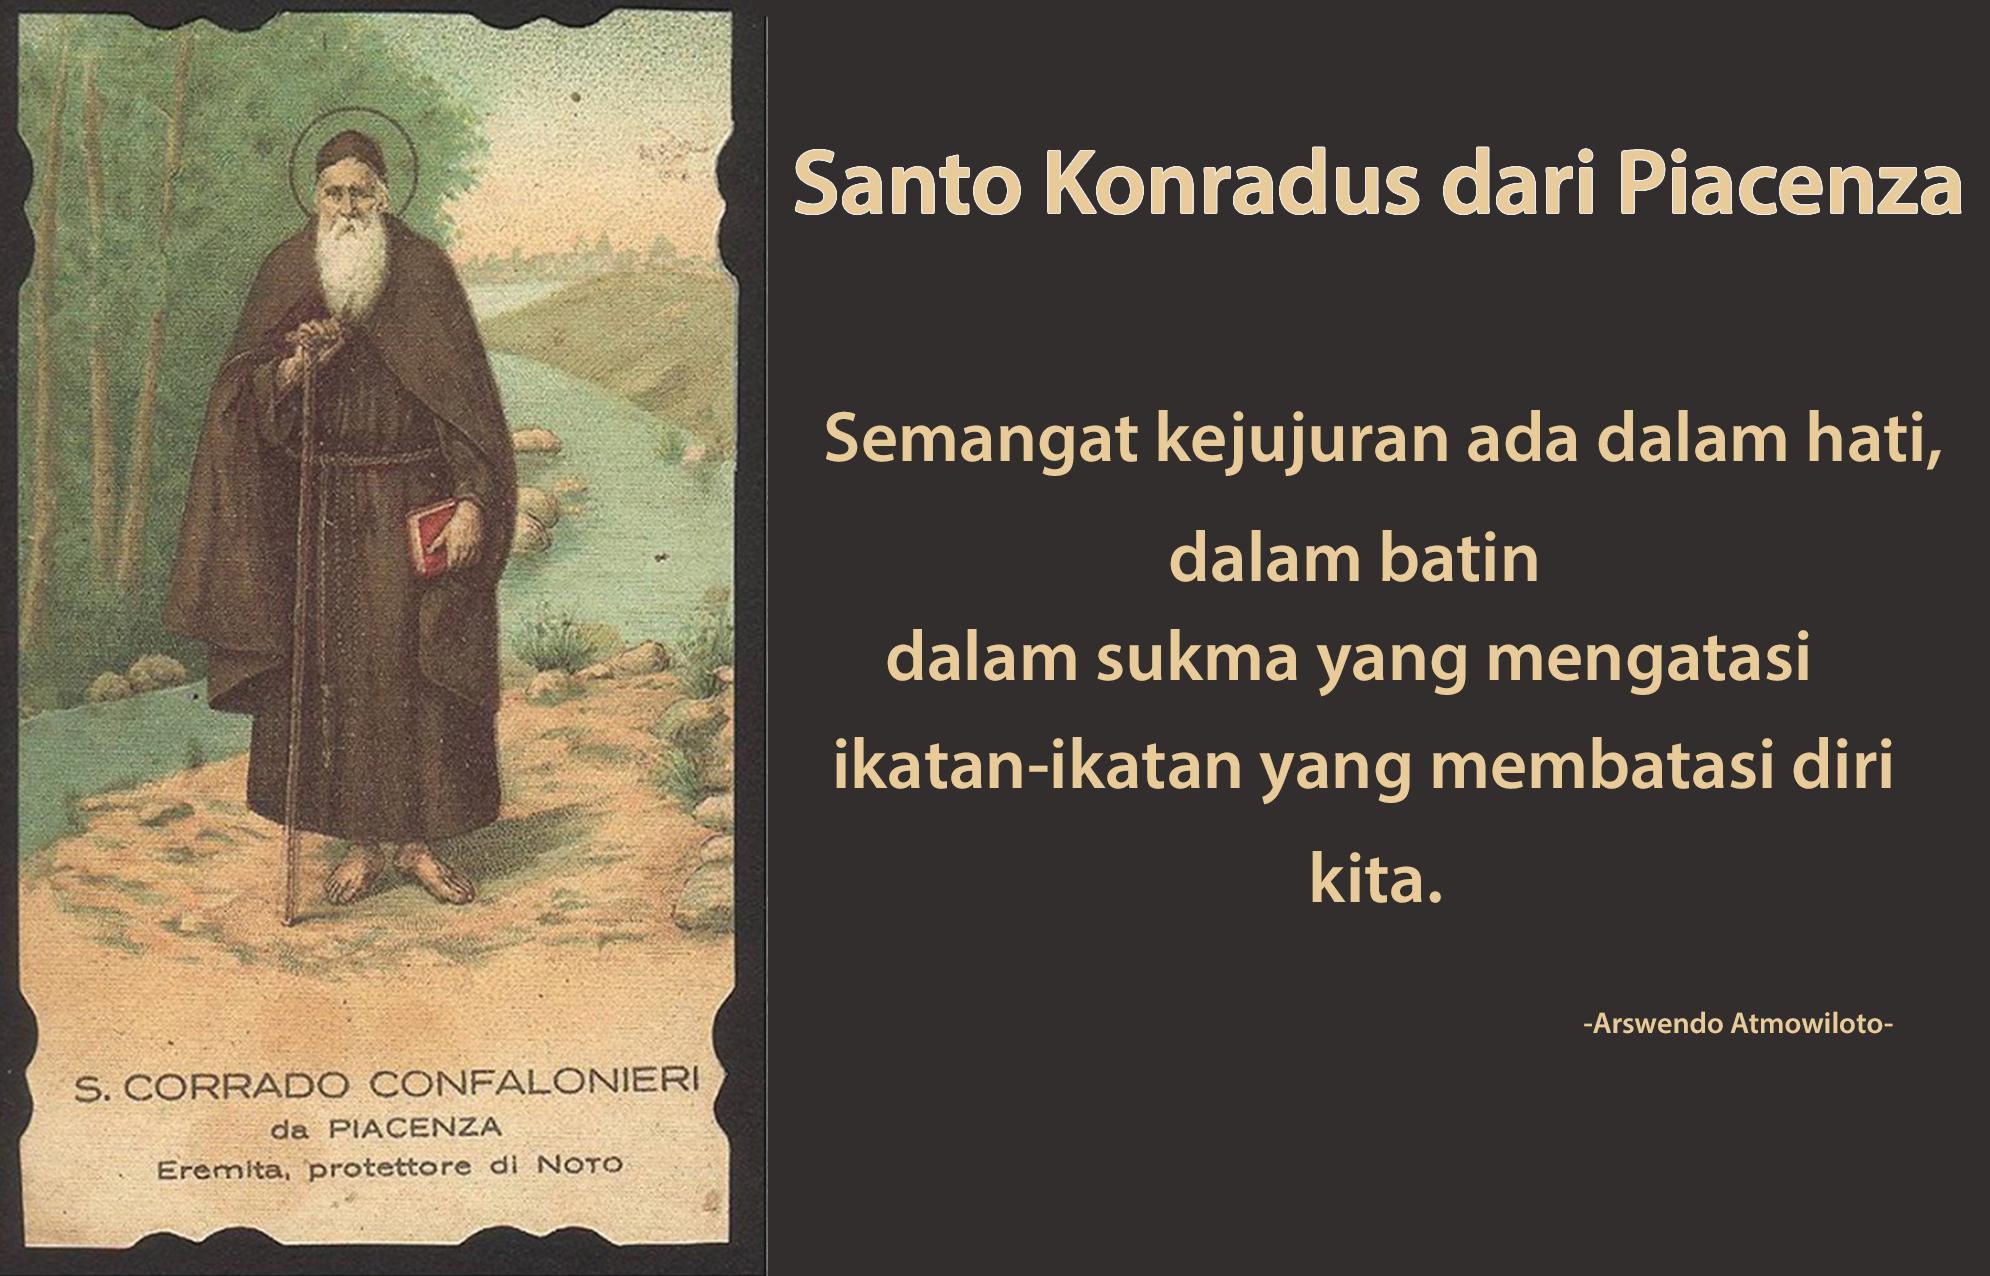 19 Februari, Santo Flavianus, Santo Konradus dari Piacenza, katekese, katolik, Komsos KWI, Konferensi Waligereja Indonesia, KWI, Para Kudus di Surga, putera allah, santo santa, Sukacita, teladan kita